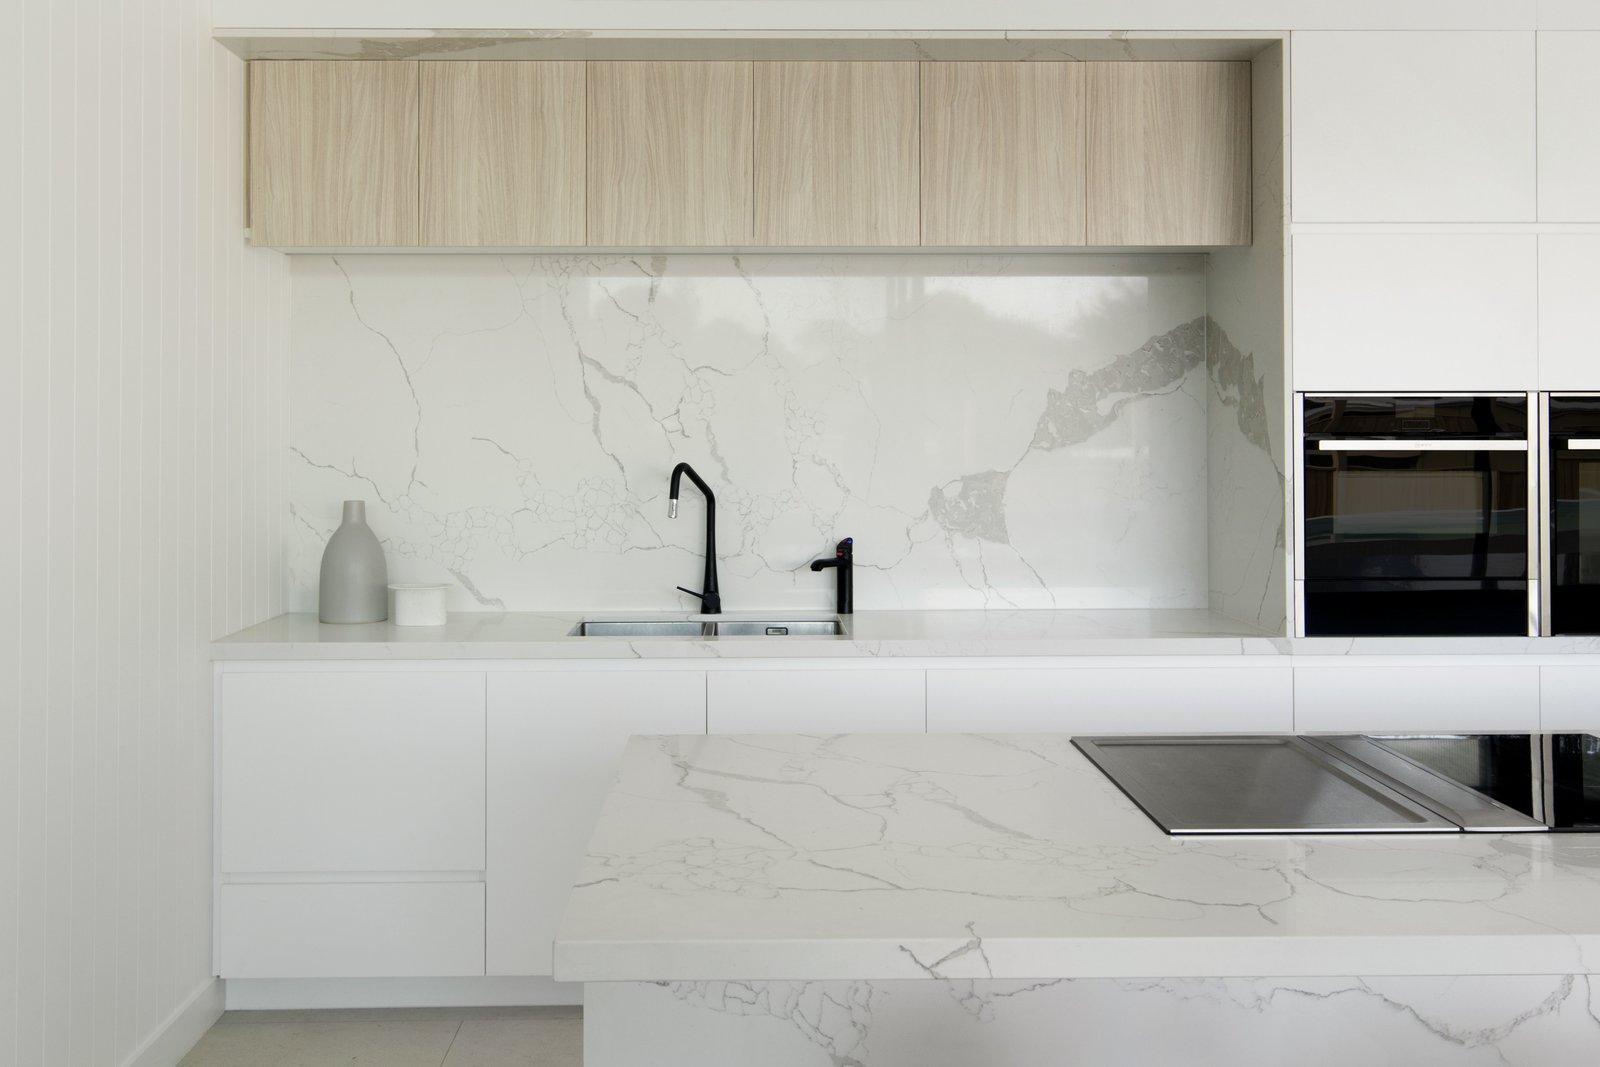 Kitchen, White, Stone Slab, Wall Oven, Ceramic Tile, Cooktops, and Stone  Kitchen Cooktops Wall Oven Ceramic Tile Stone Slab White Photos from Warraweena